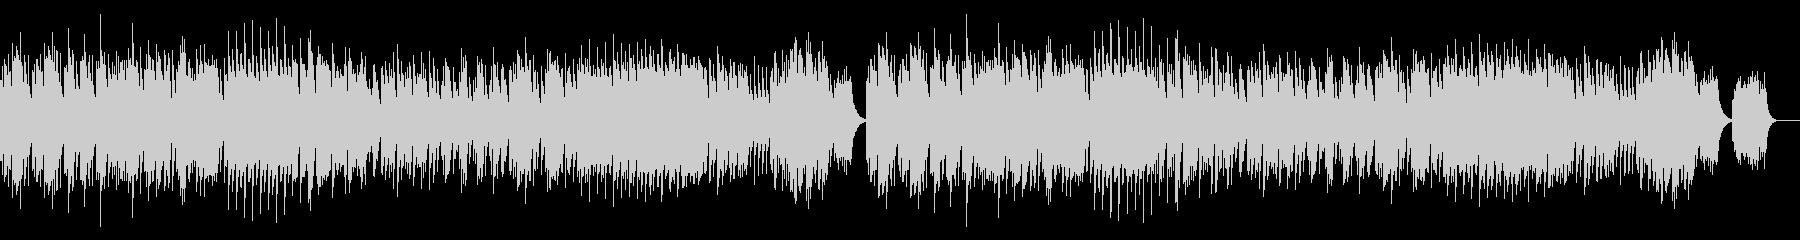 不思議な森のイメージ/チェレスタの未再生の波形